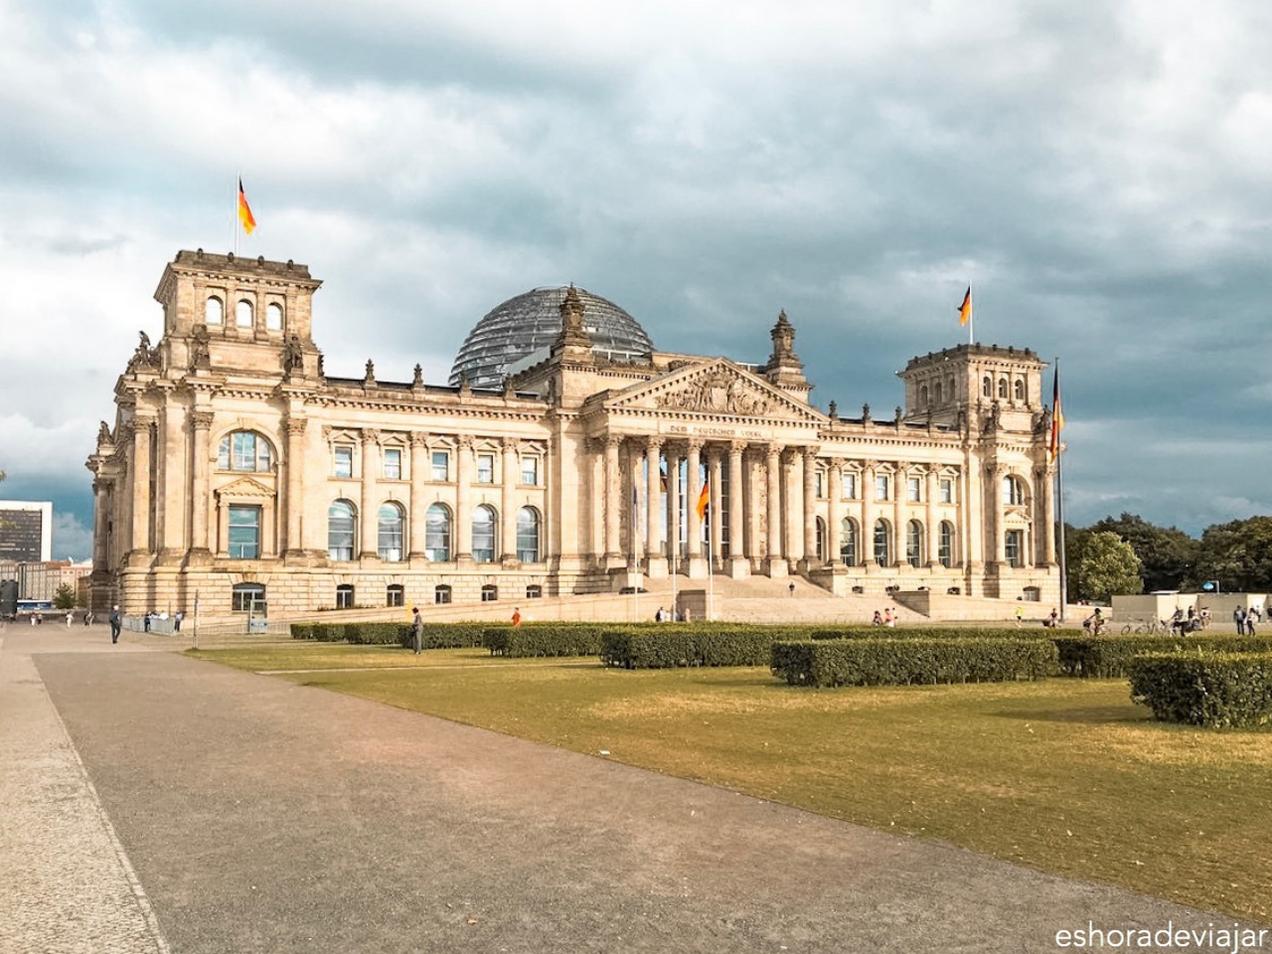 Edificio del Reicstag, el parlamento alemán